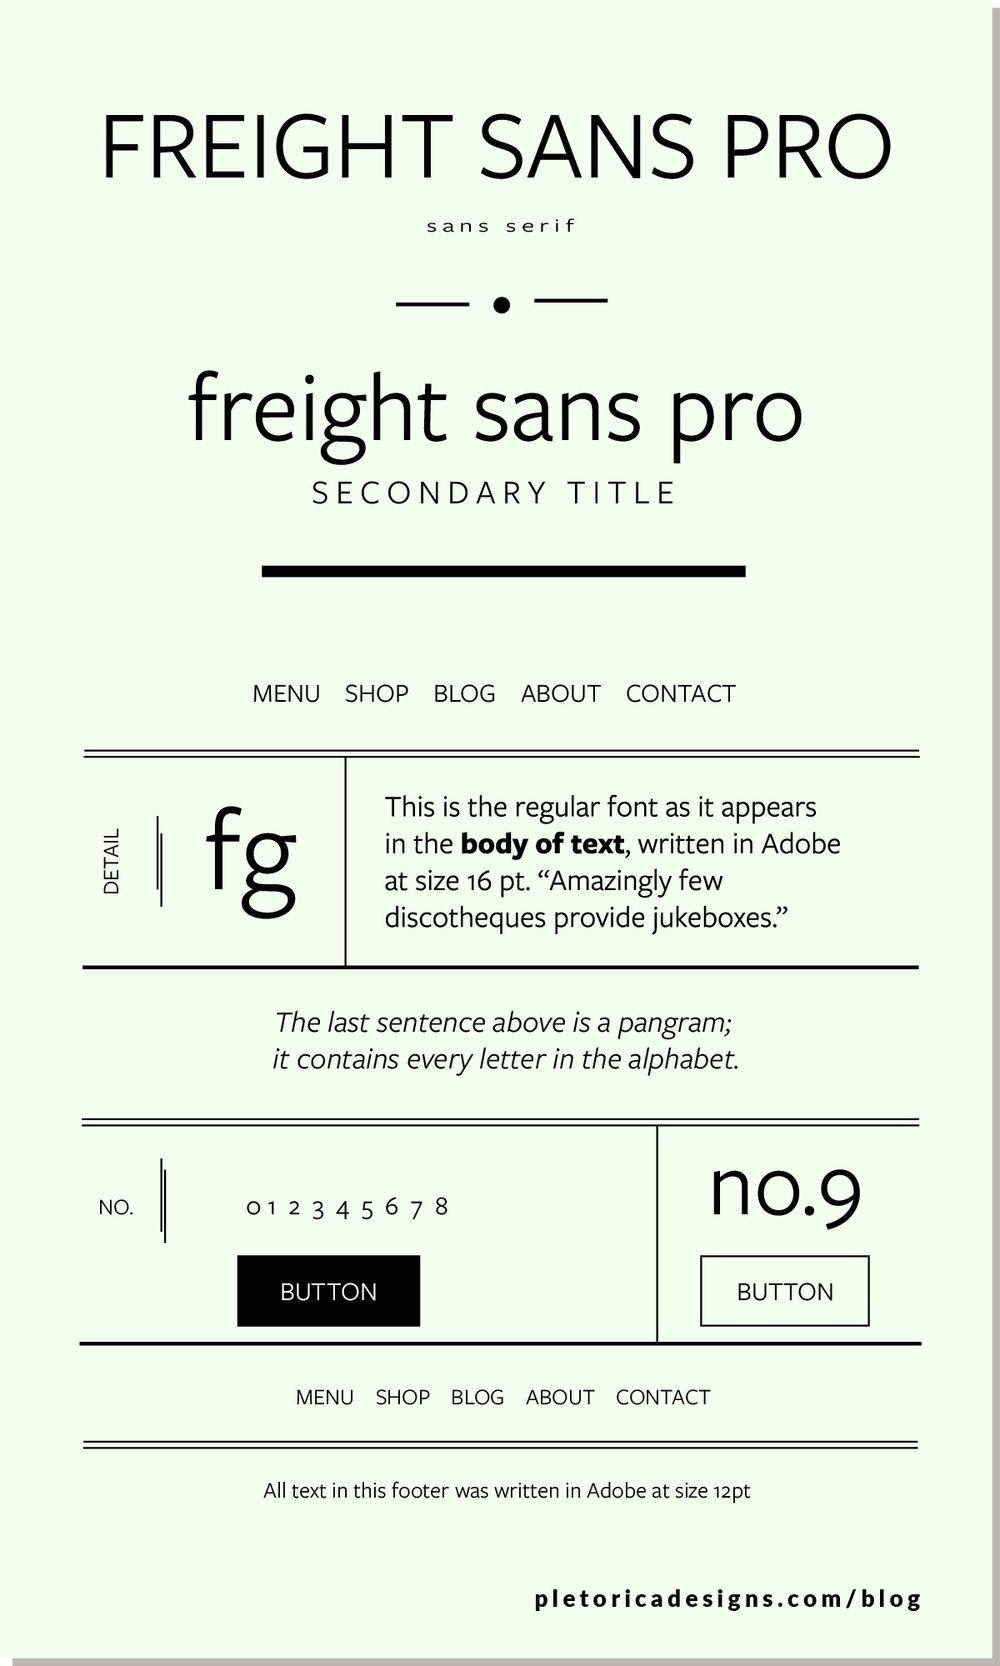 LET'S TYPE: Freight Sans Pro — PLETÓRICA DESIGNS